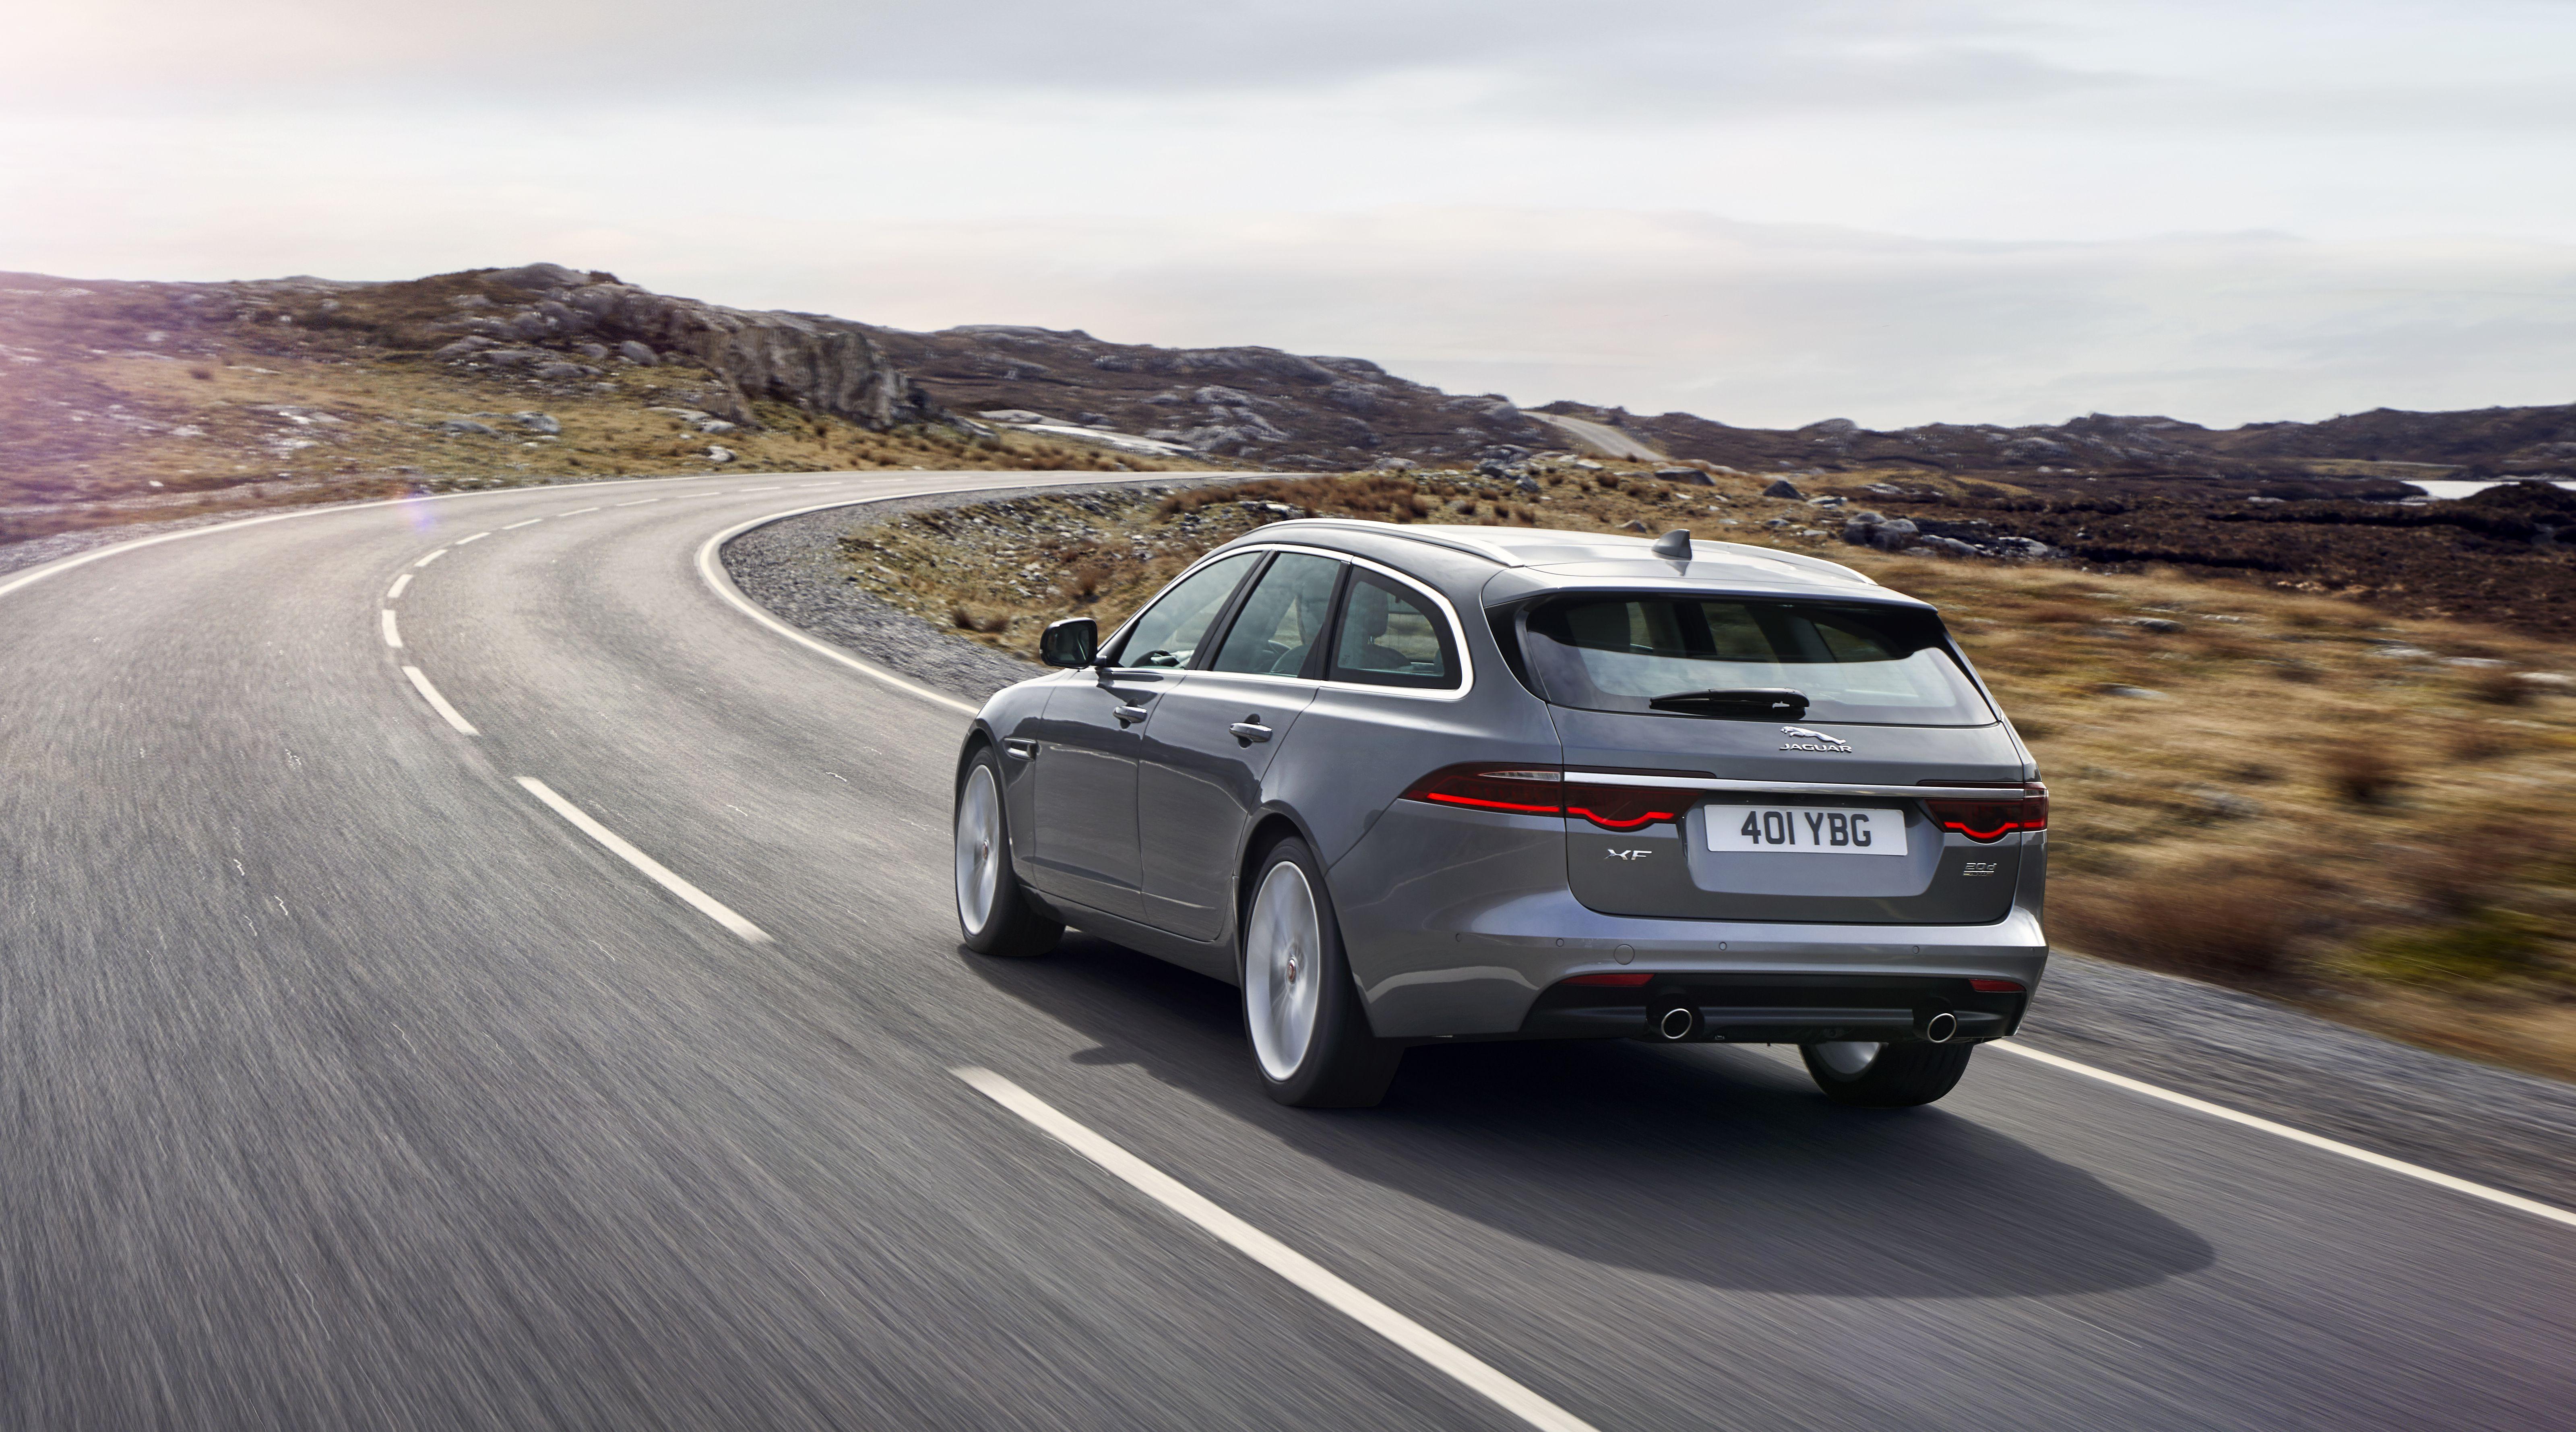 Jaguar XF Sportbrake new estate car driving on road in grey